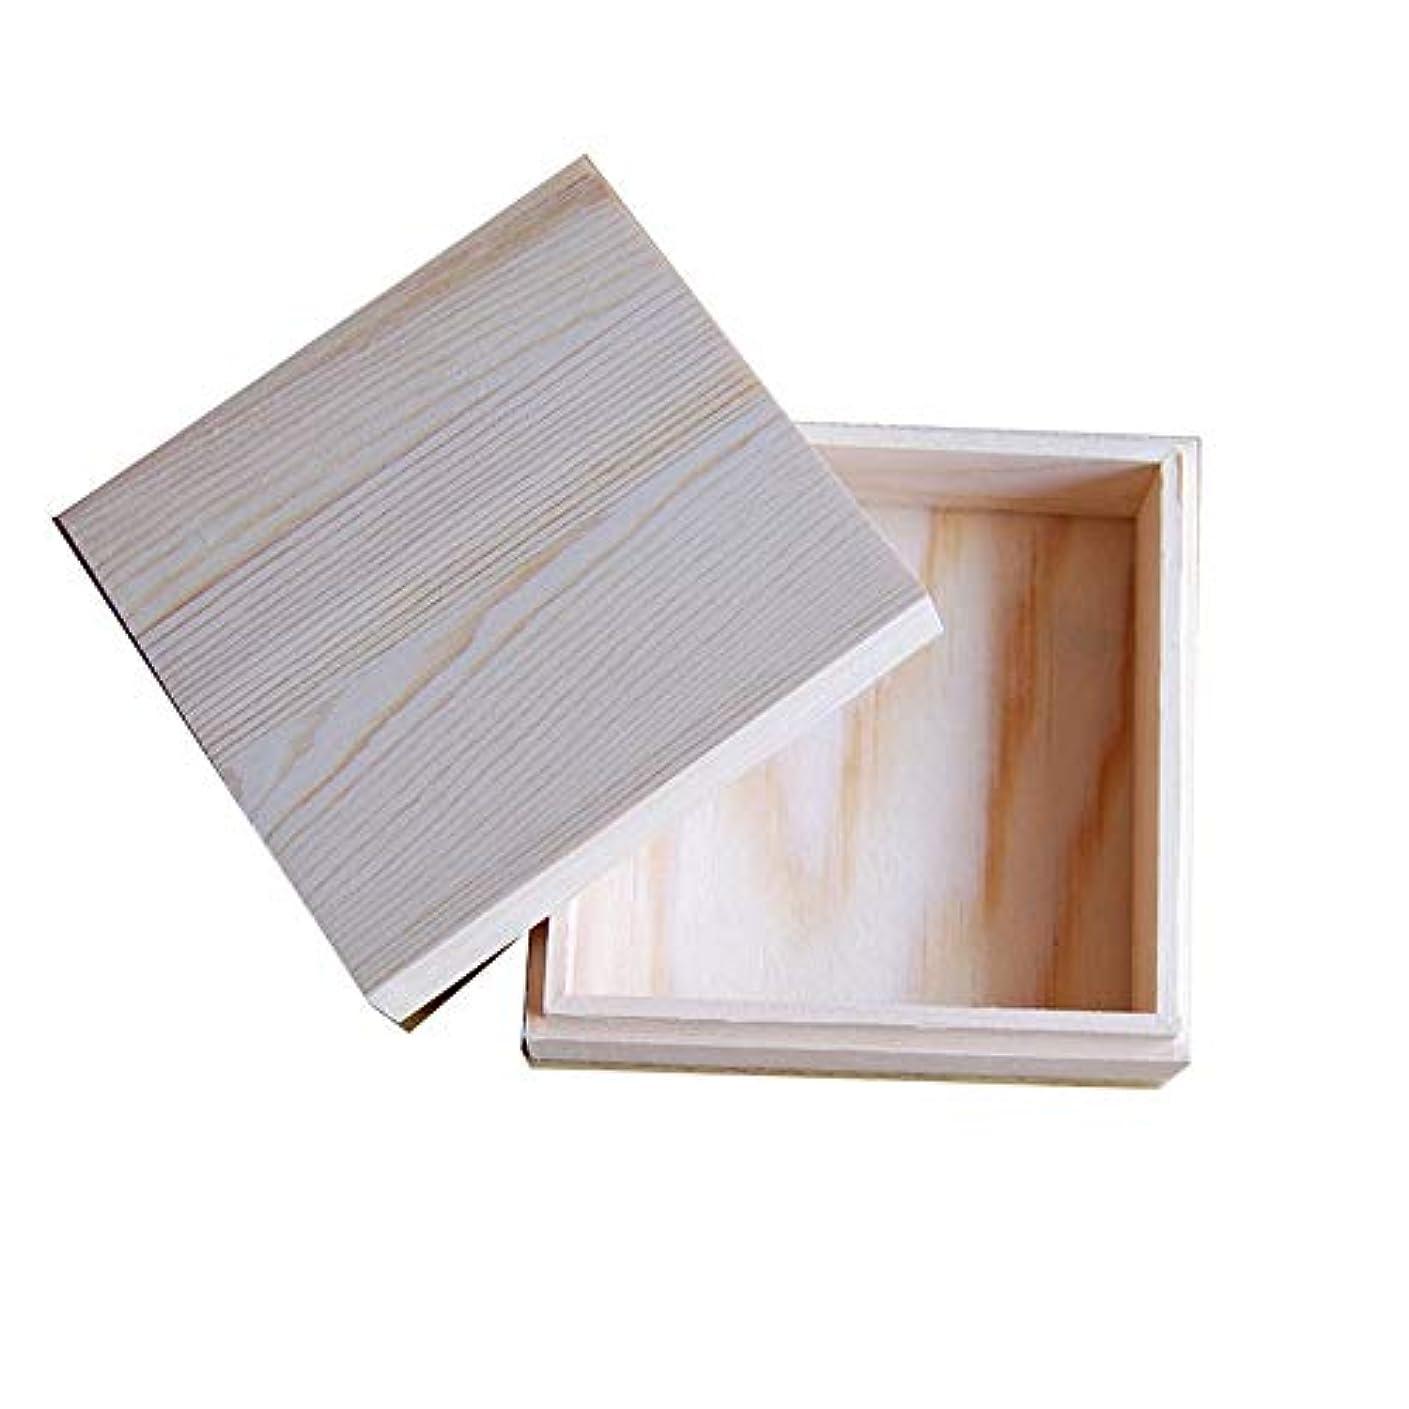 異常なアジテーションパケットエッセンシャルオイルストレージボックス 木製のエッセンシャルオイルストレージボックス安全に油を維持するためのベスト 旅行およびプレゼンテーション用 (色 : Natural, サイズ : 11.5X11.5X5CM)